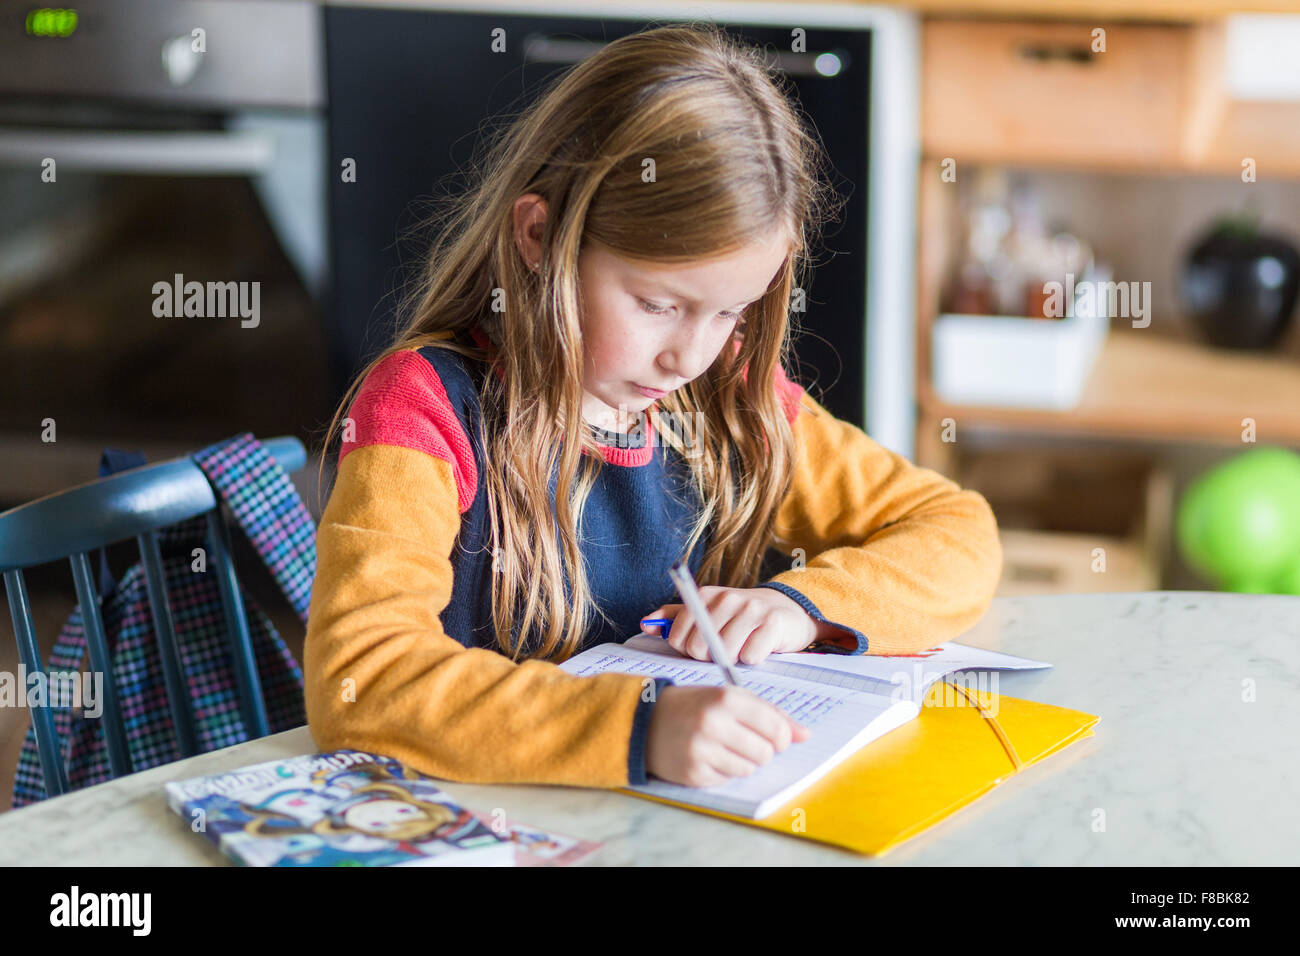 Niña de 9 años hace sus deberes. Imagen De Stock